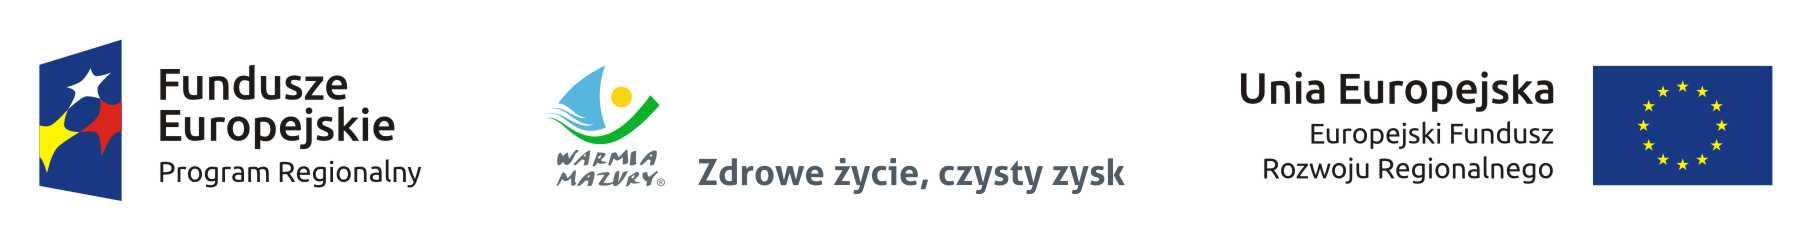 EFRR_poziom_polskie_kolor